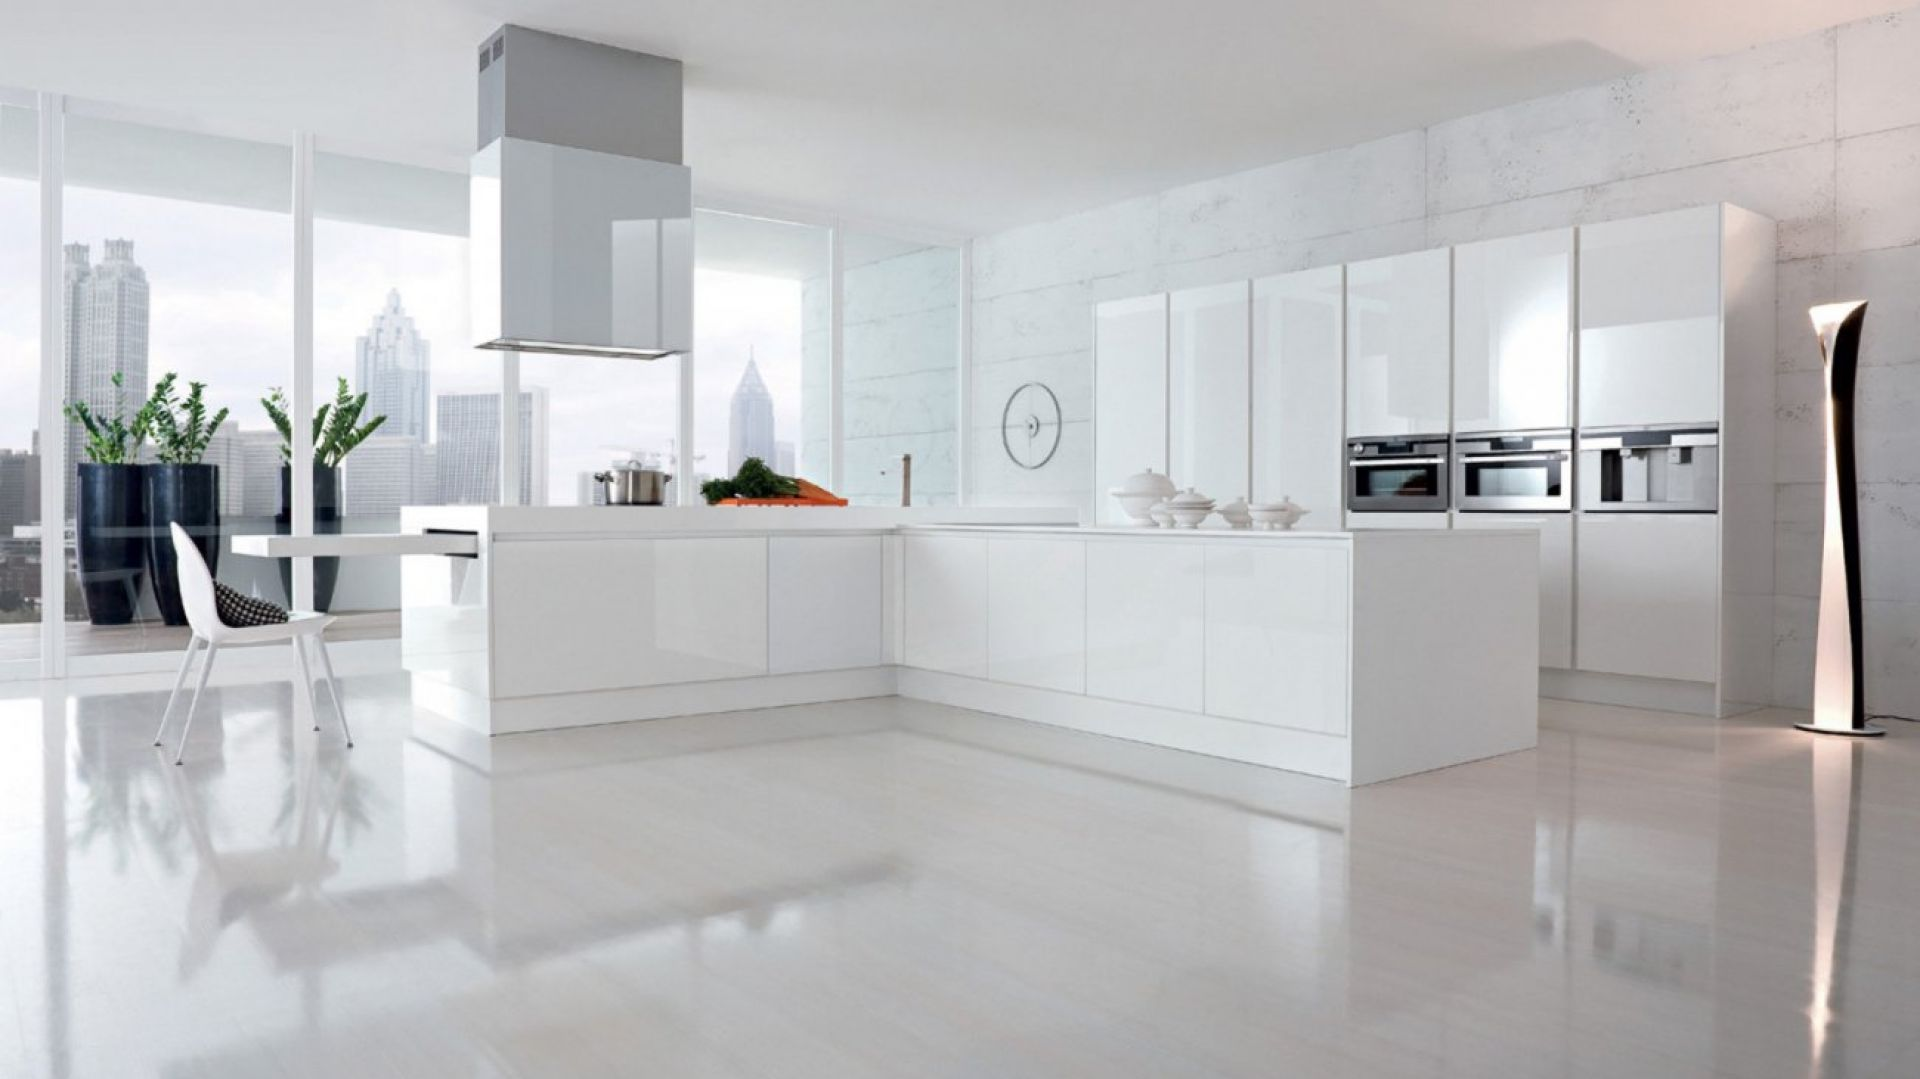 Jeśli nie boimy się mebli o odważnym wzornictwie np. w wykończeniu wysoki połysk, zainwestujmy w kuchnię w kolorze białym. Fot. Doimo Cucine